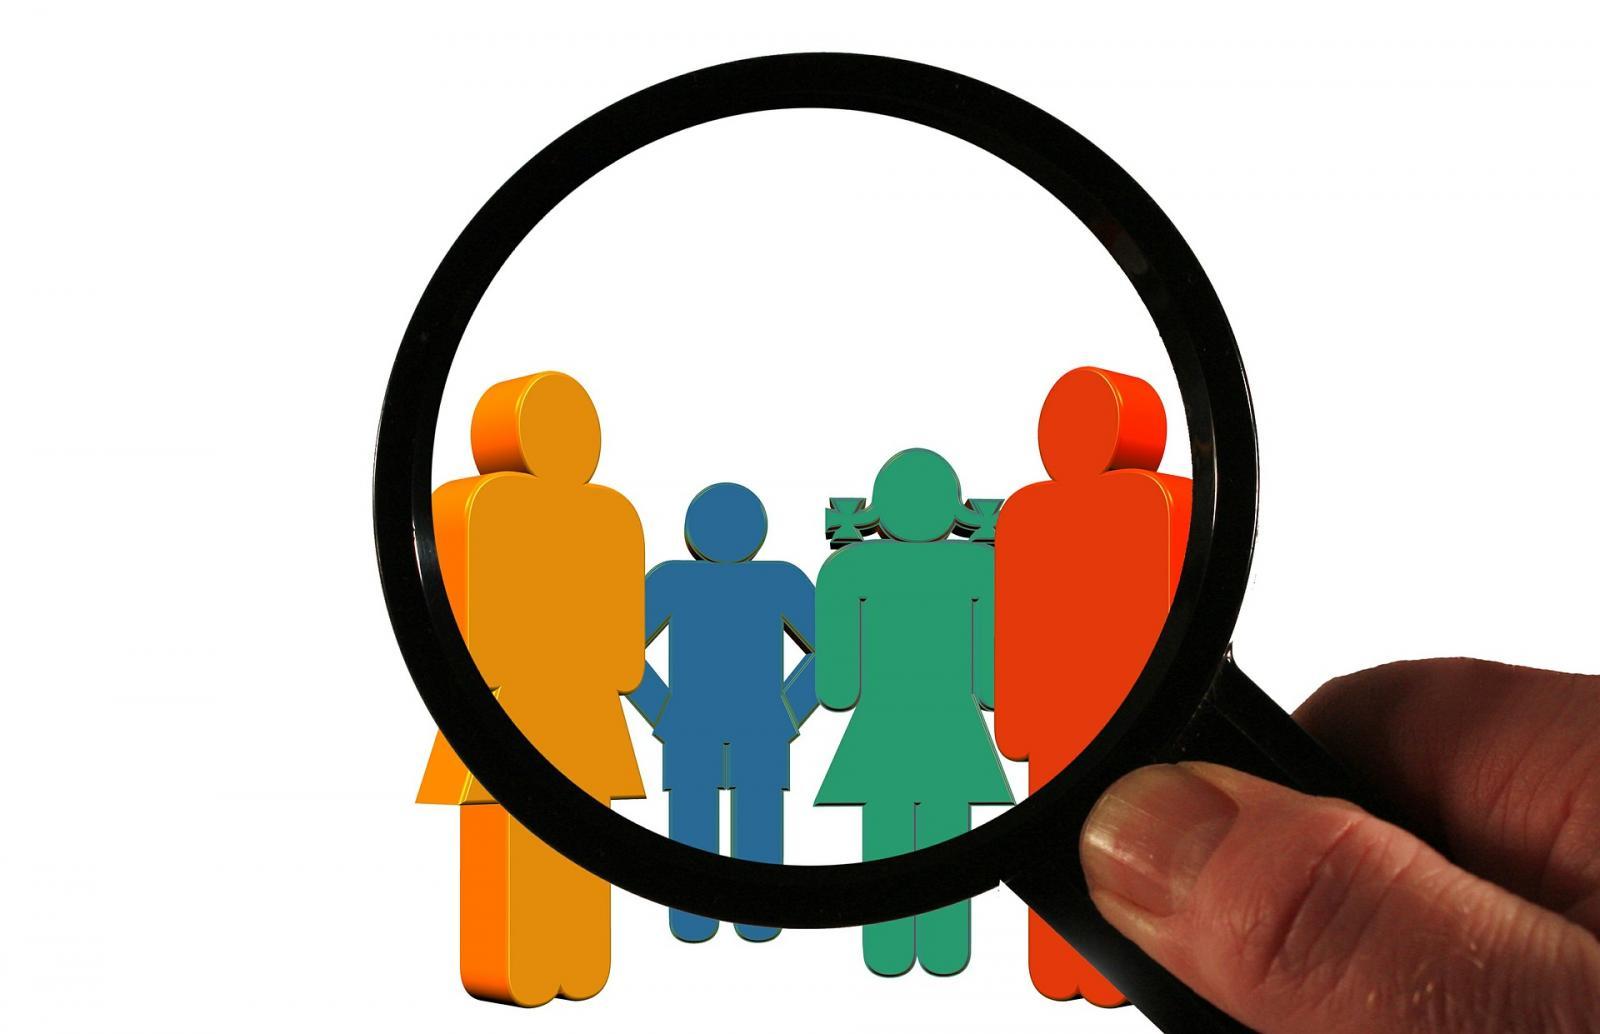 Atendimento: Uma força competitiva nos processos logísticos da organização